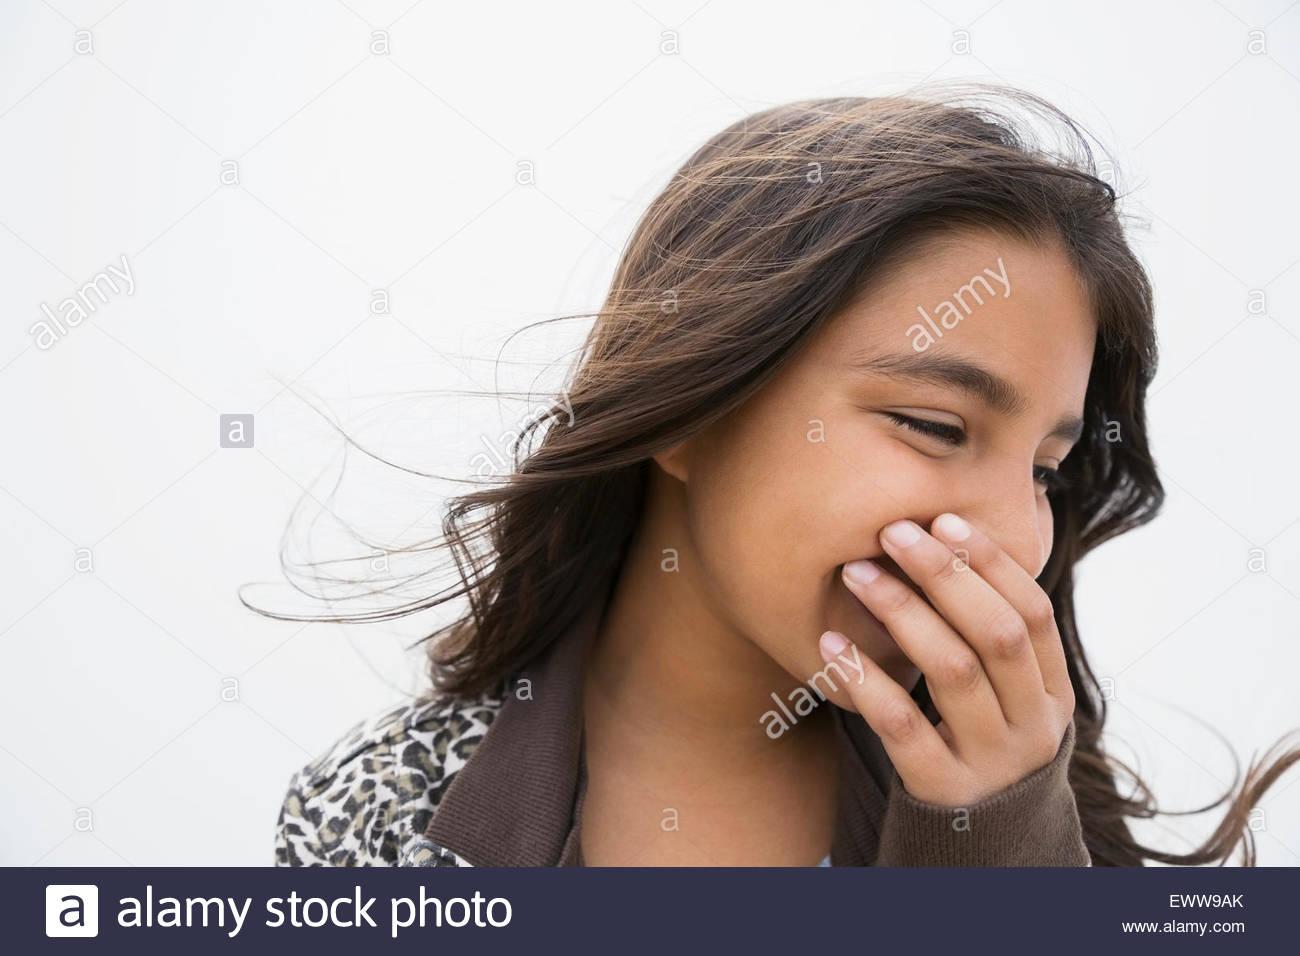 Brünette Mädchen Lachen Verkleidung Mund mit der hand Stockbild